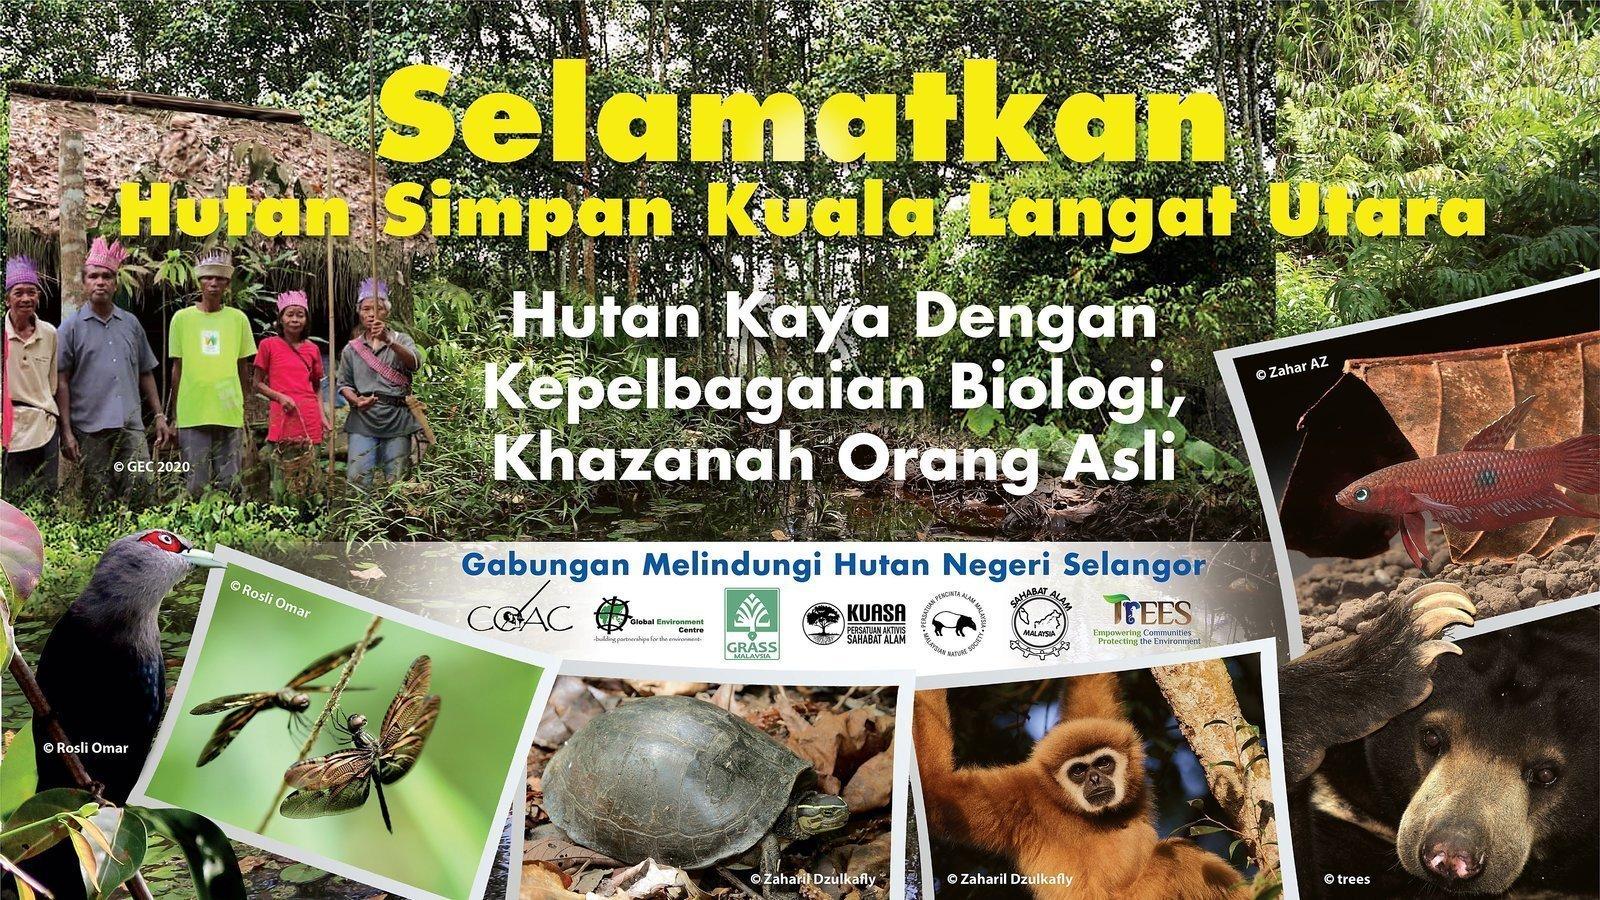 Petition Selamatkan Hutan Simpan Kuala Langat Utara Change Org